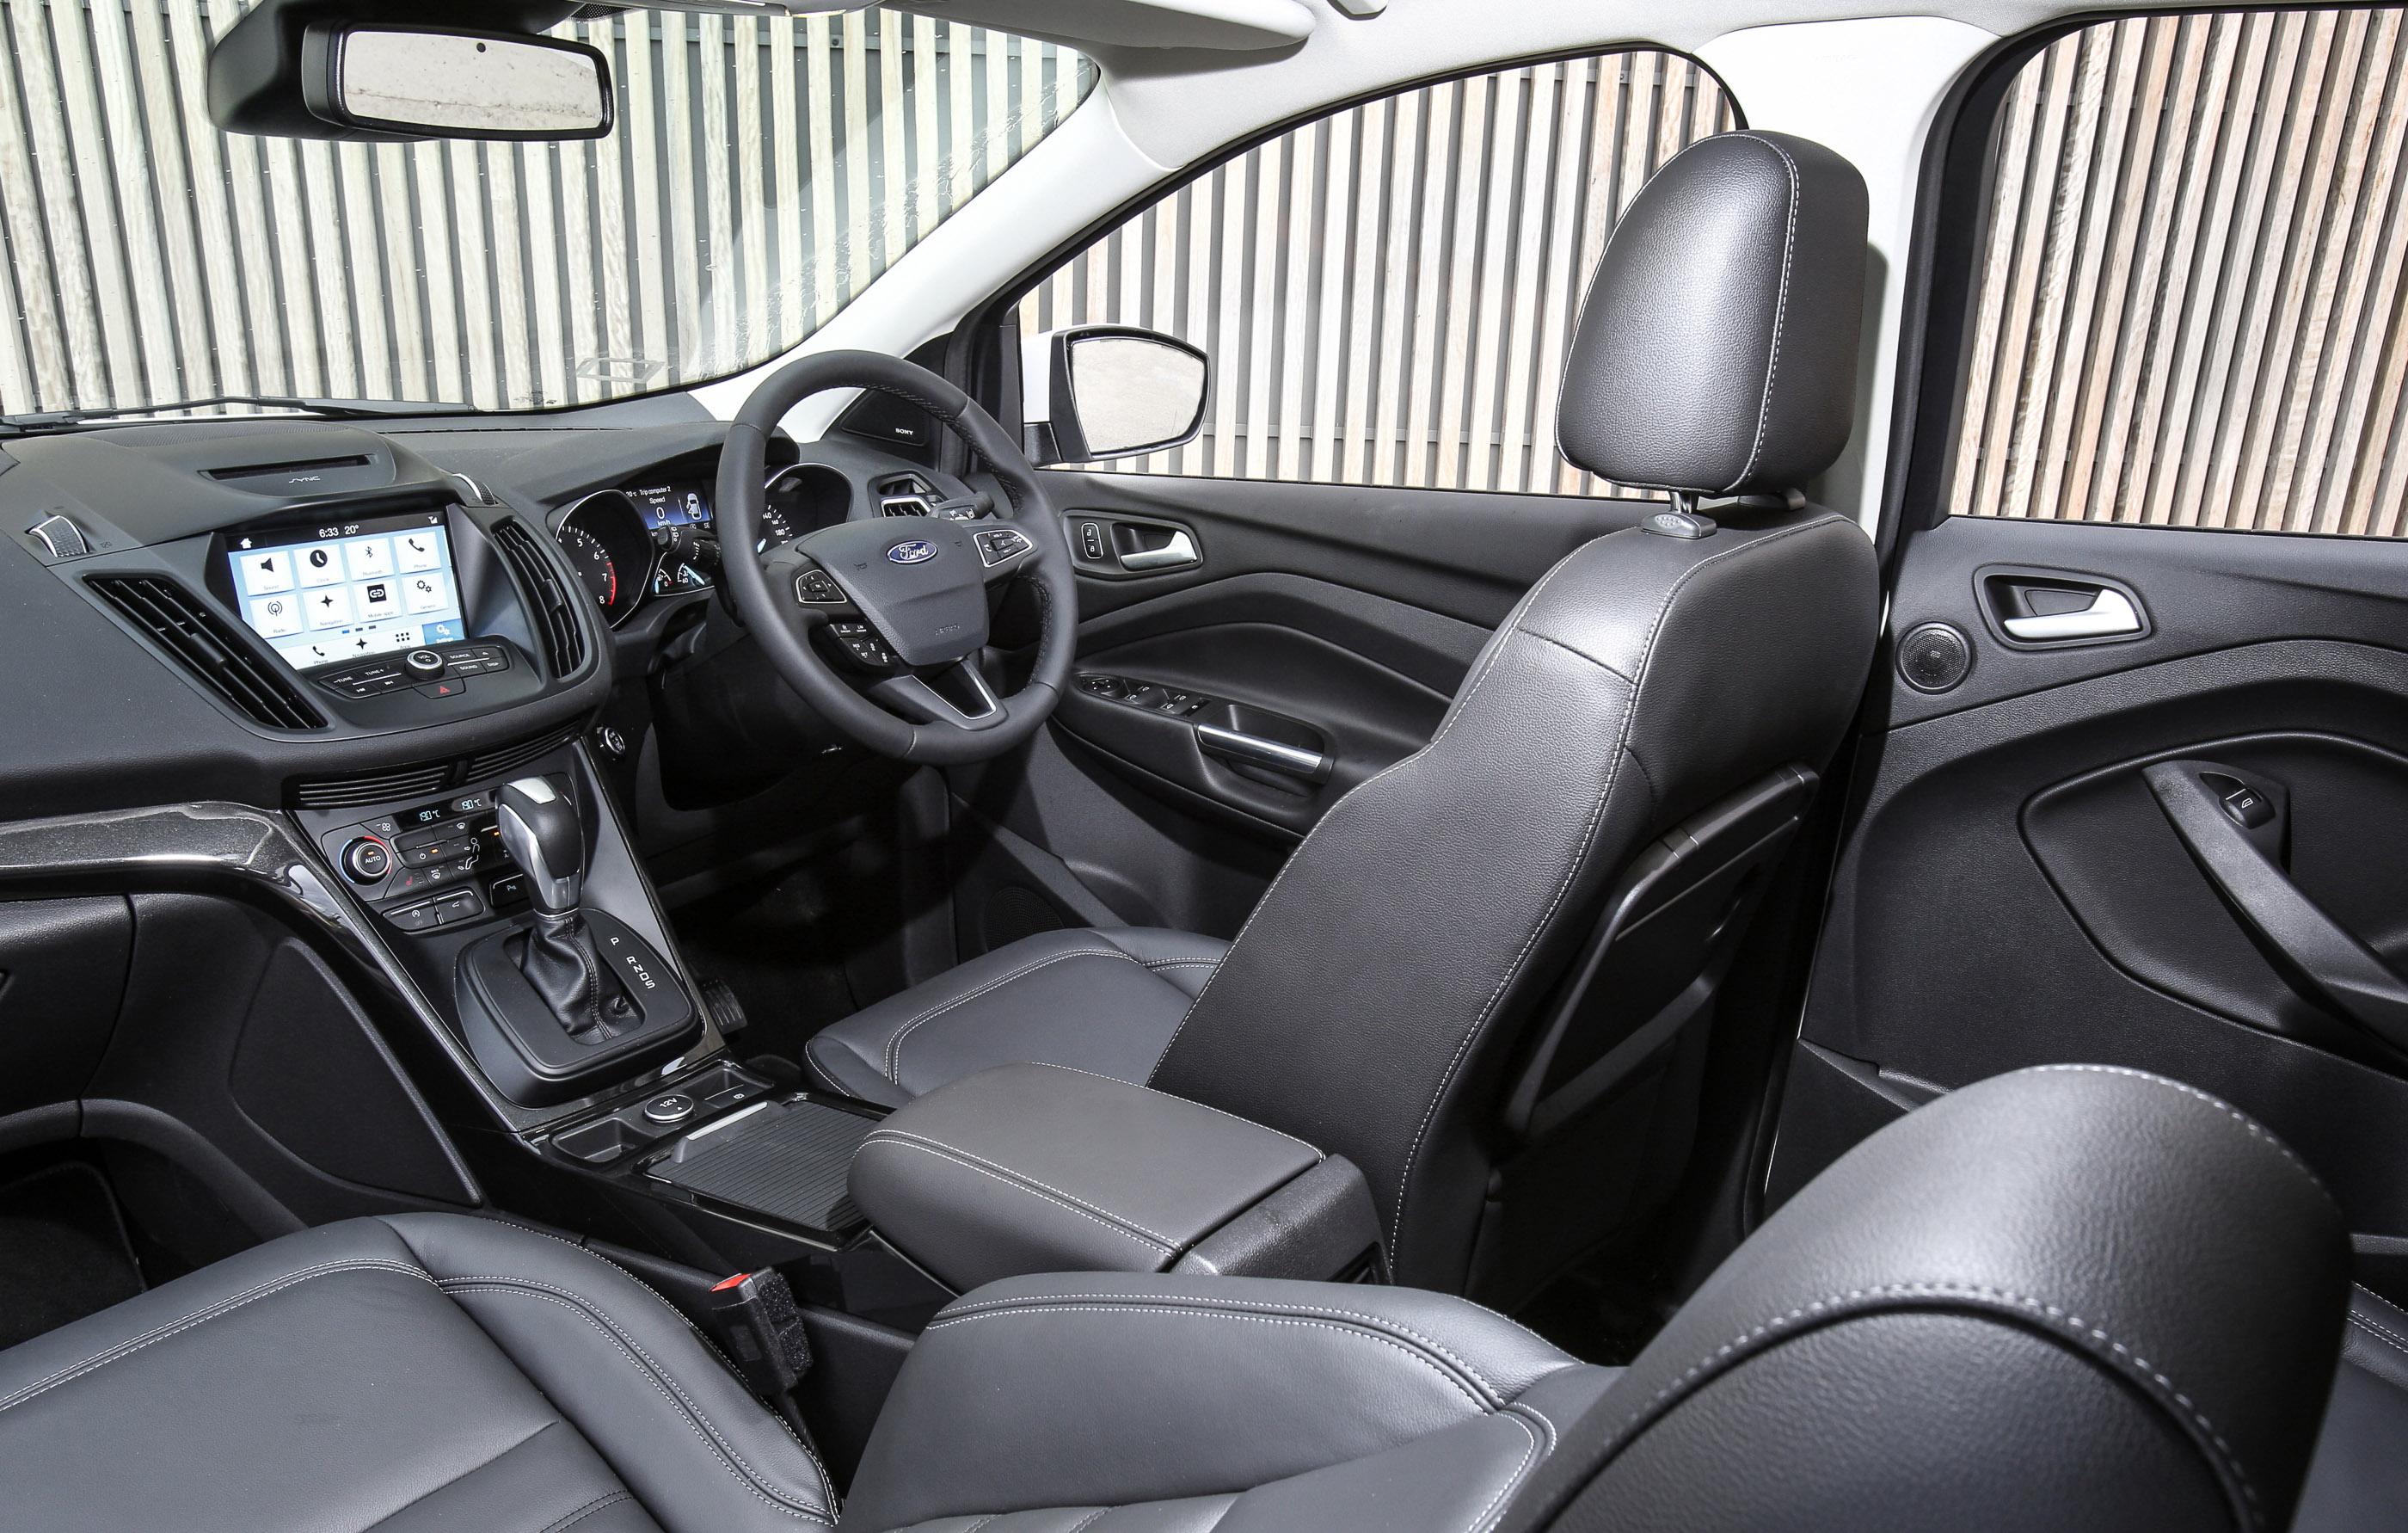 Ford Escape photo 171881